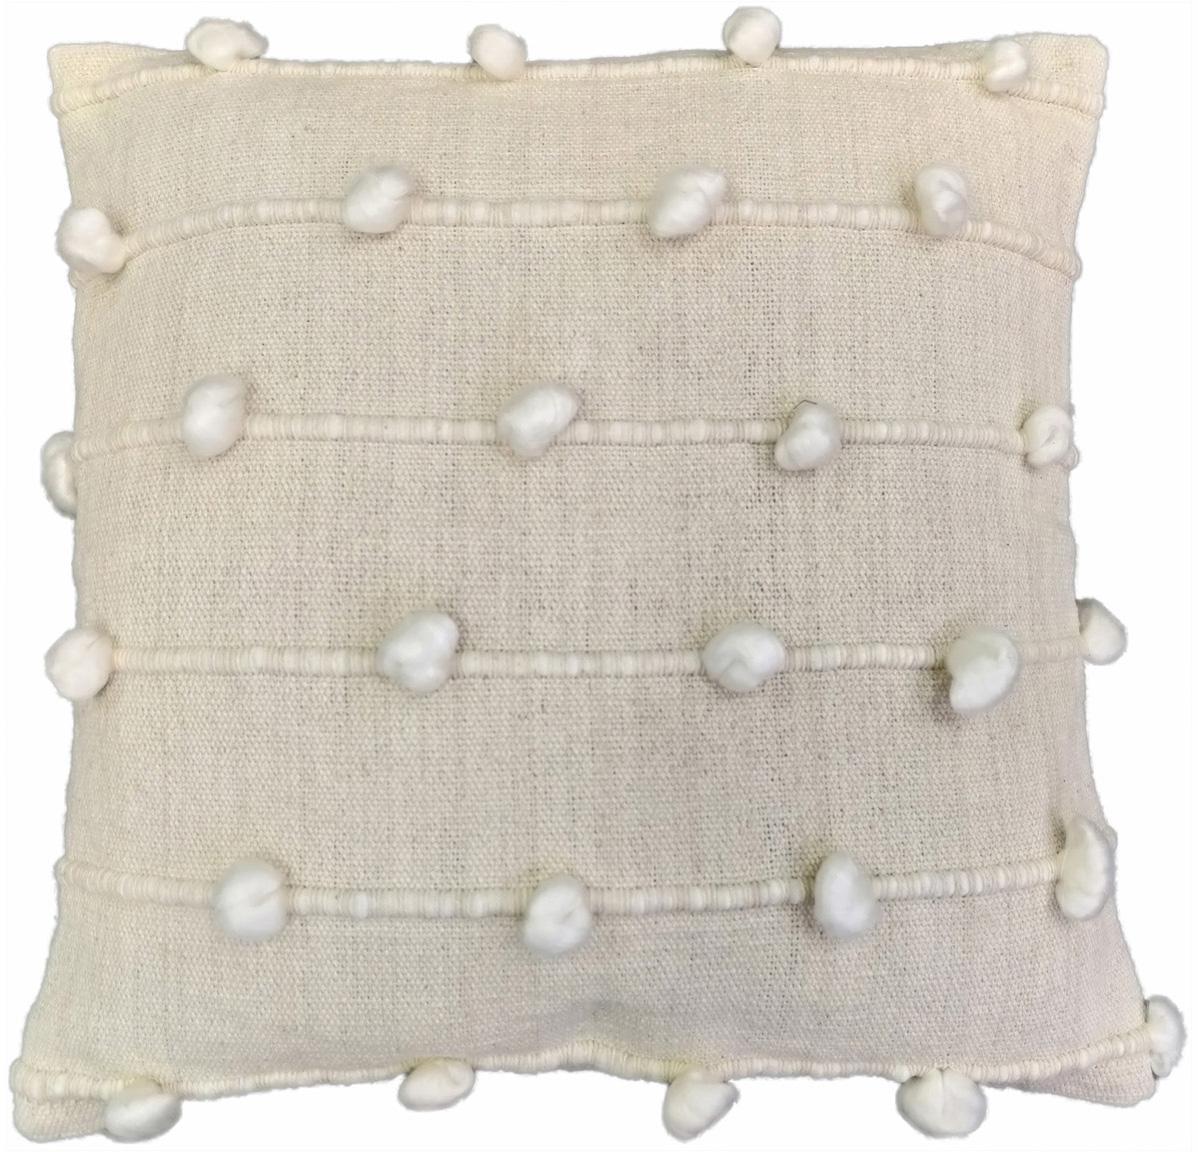 Kussen Bubble met decoratie, met vulling, Gebroken wit, wit, 45 x 45 cm